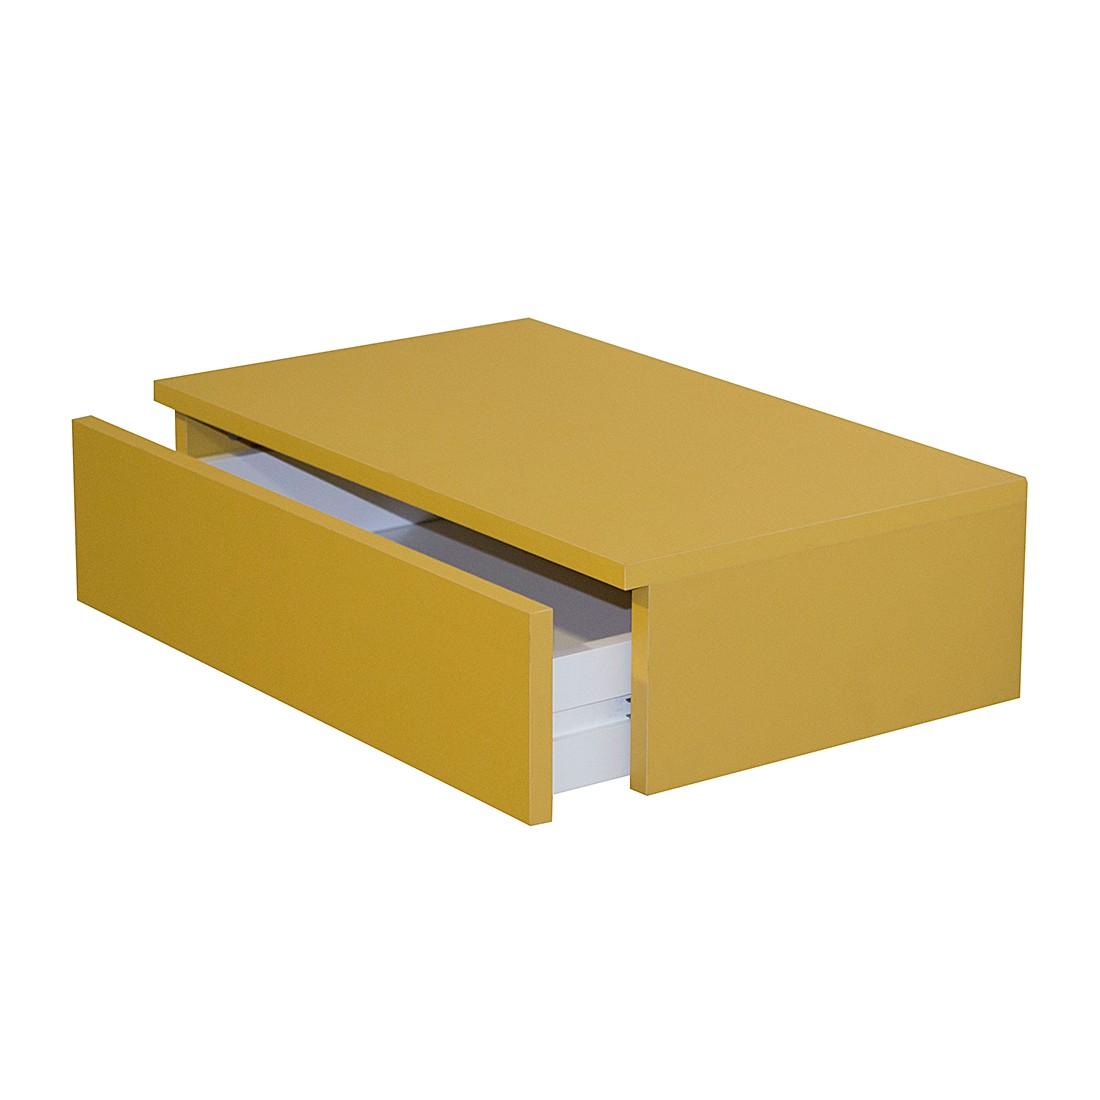 Wandkonsole Weiß Mit Schublade Wandkonsole Schublade